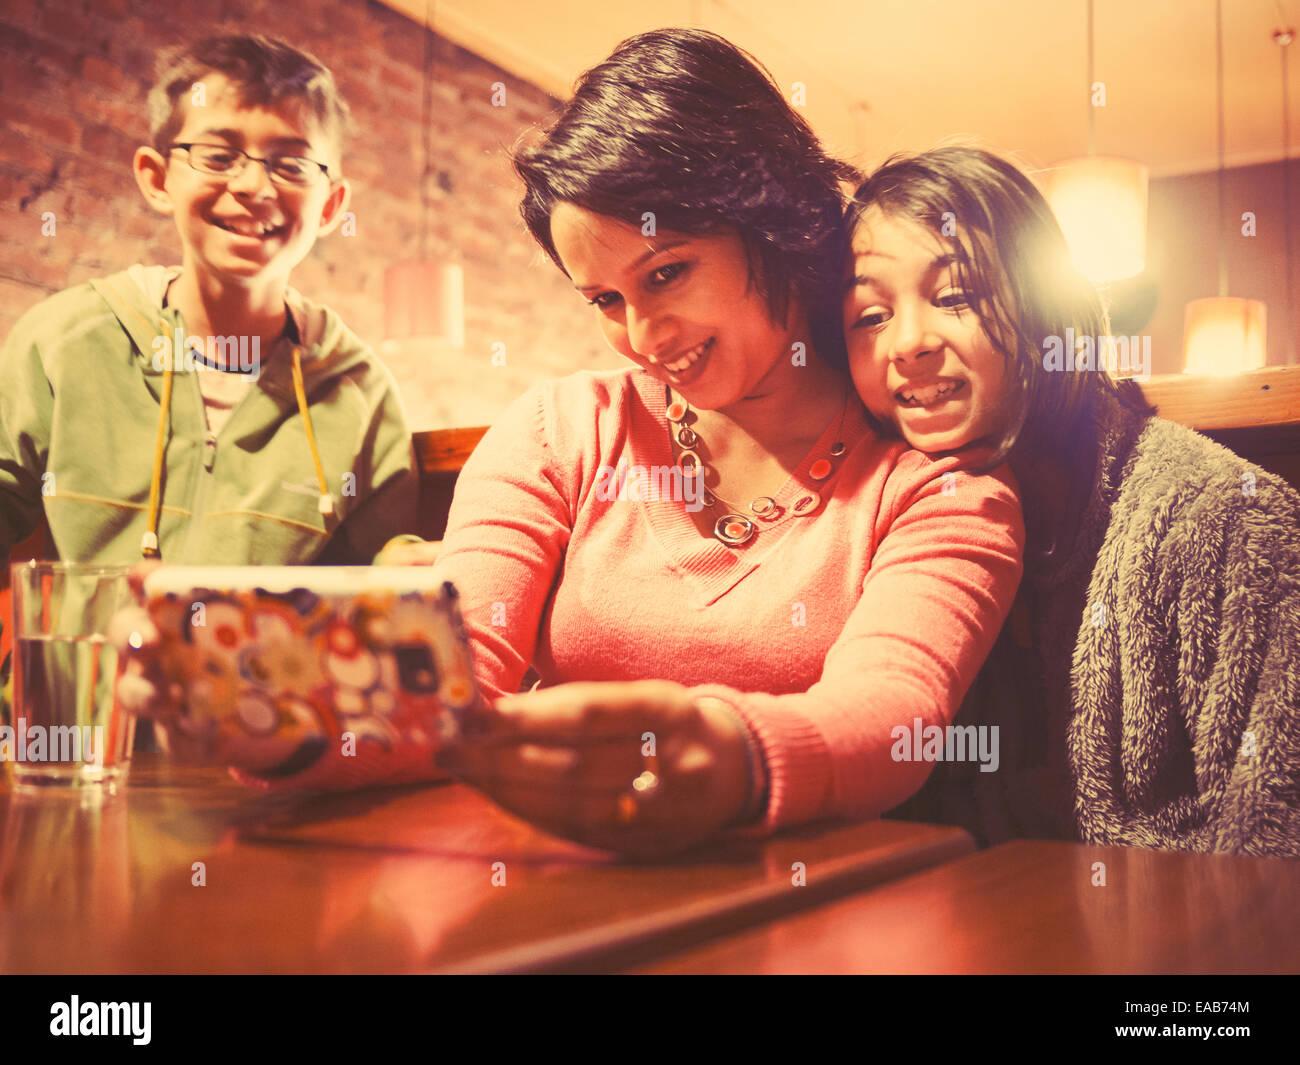 Donna assume immagine di sé e la figlia mentre figlio orologi Immagini Stock